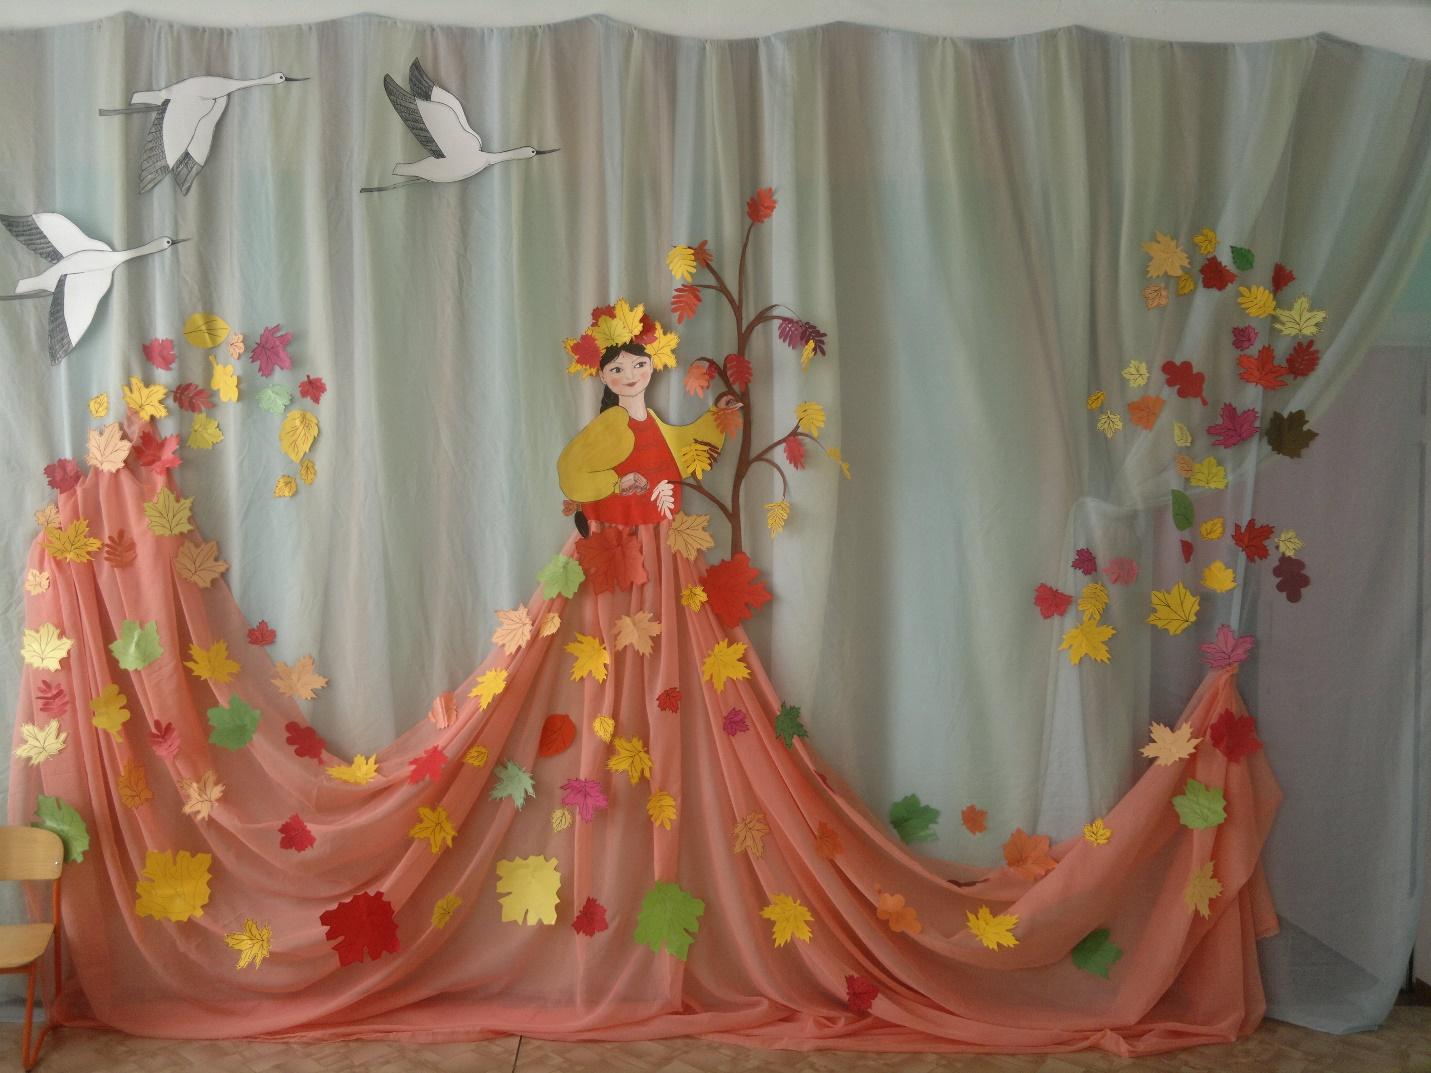 Картинки для оформления зала к празднику осени